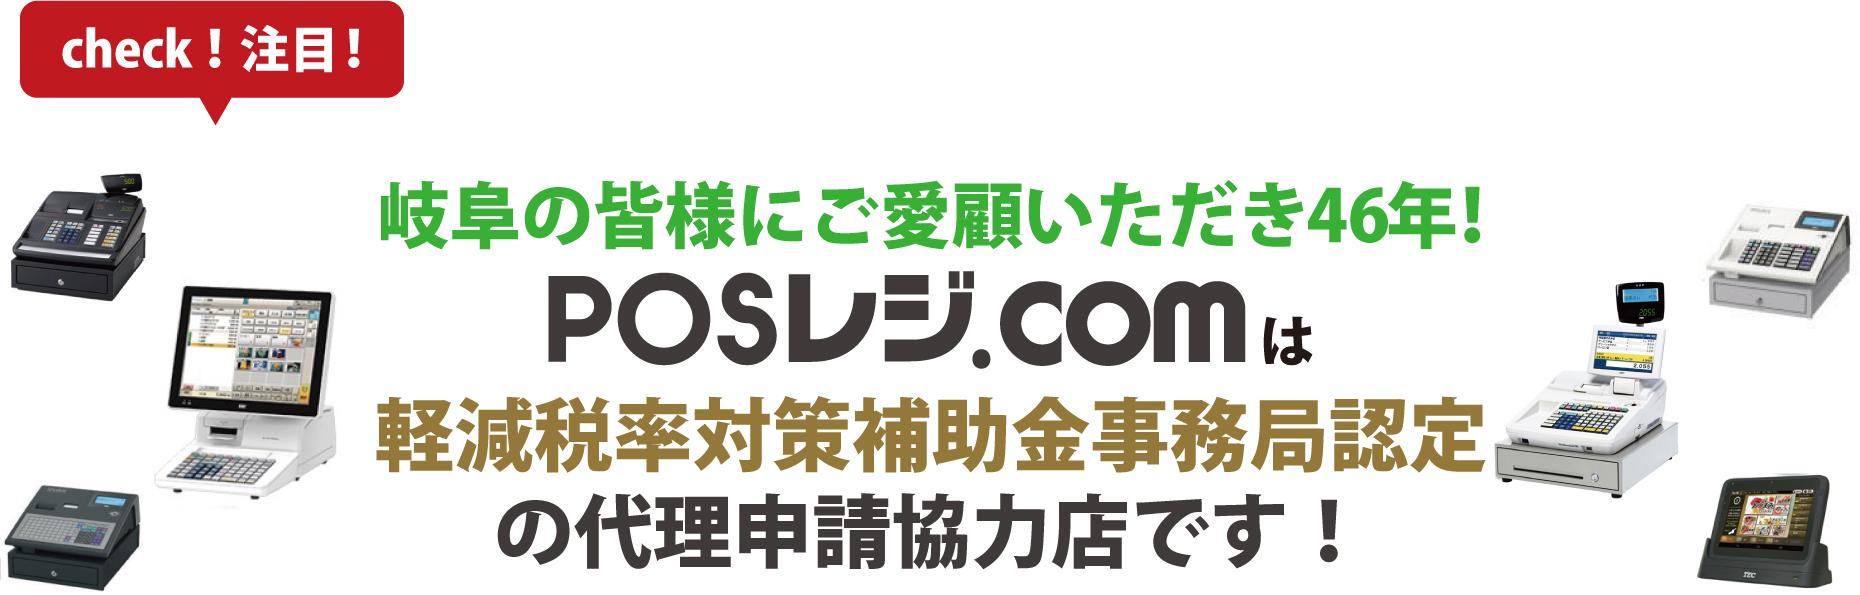 POSレジ.com【軽減税率補助金代理申請協力店】 レジスター、POSシステム販売、修理、サポート 岐阜